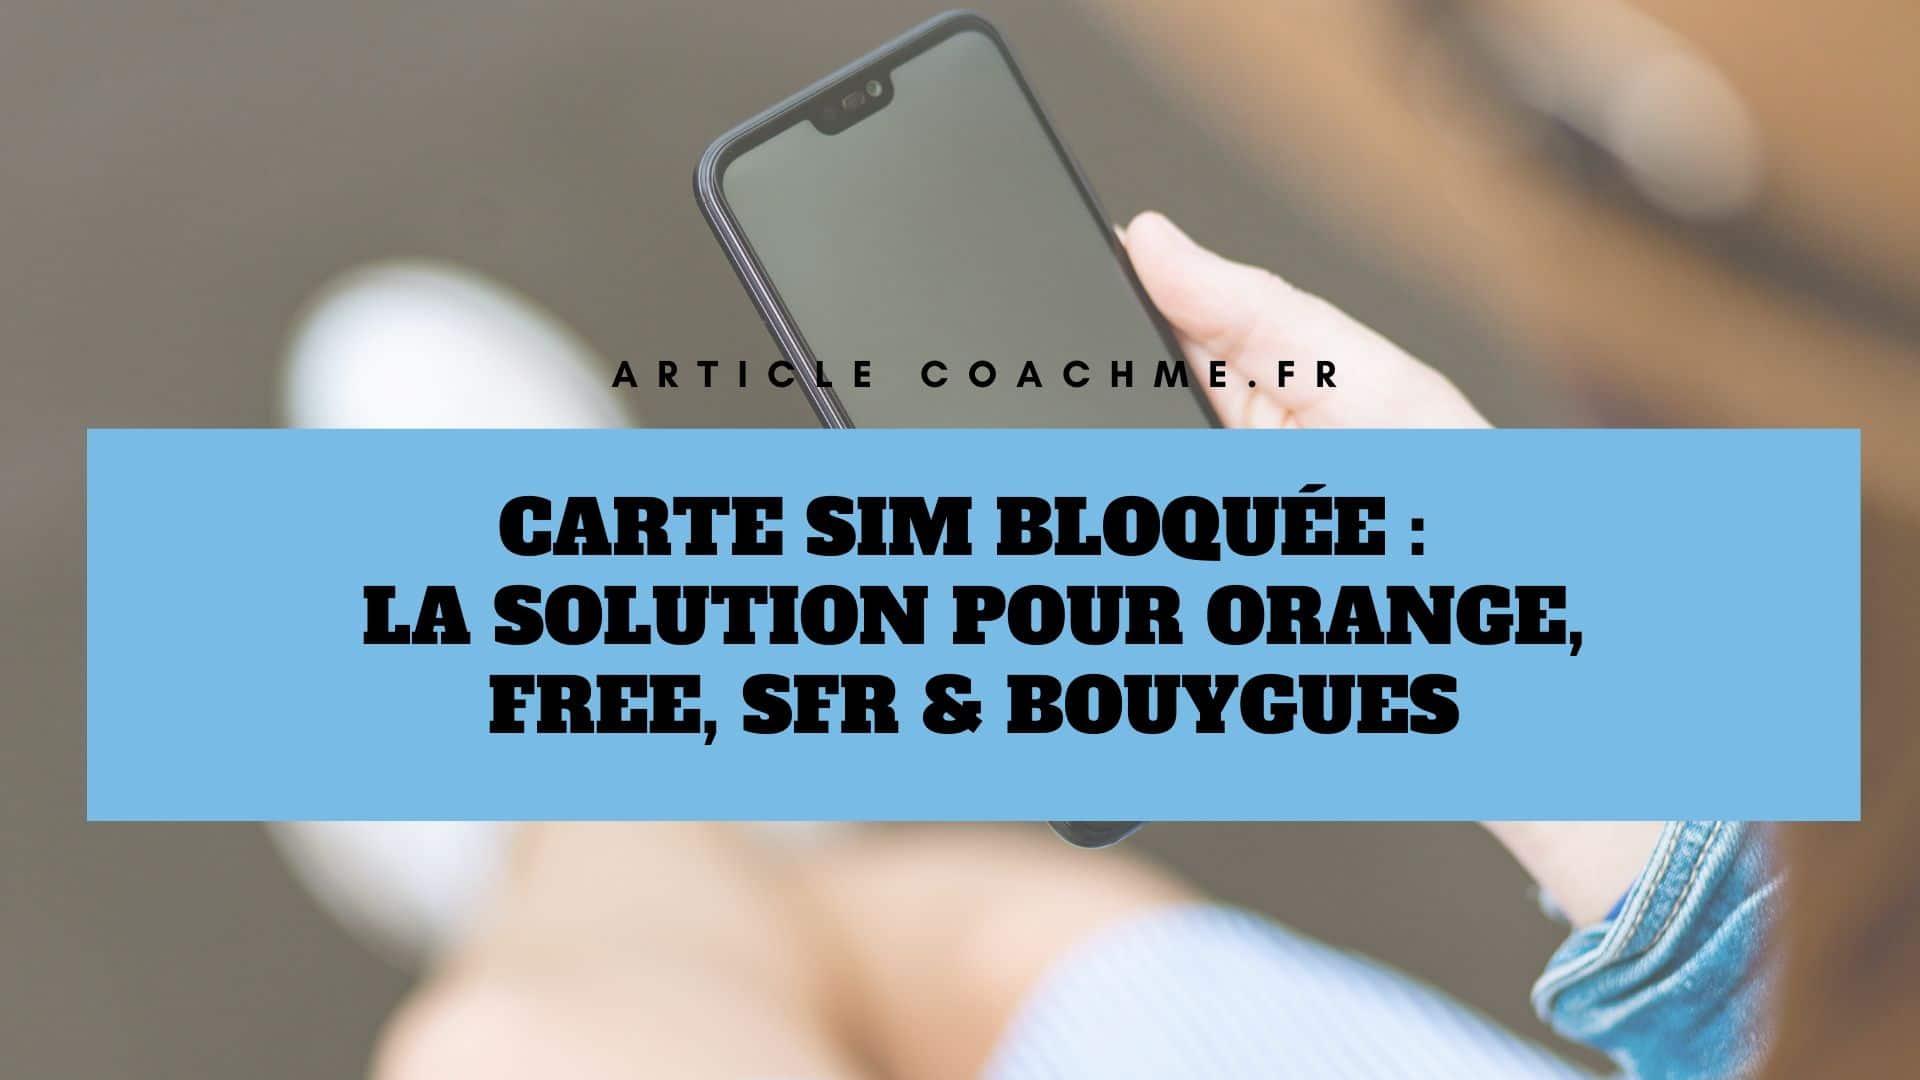 free carte sim bloquée Carte SIM bloquée : solution pour Orange, Free, SFR & Bouygues